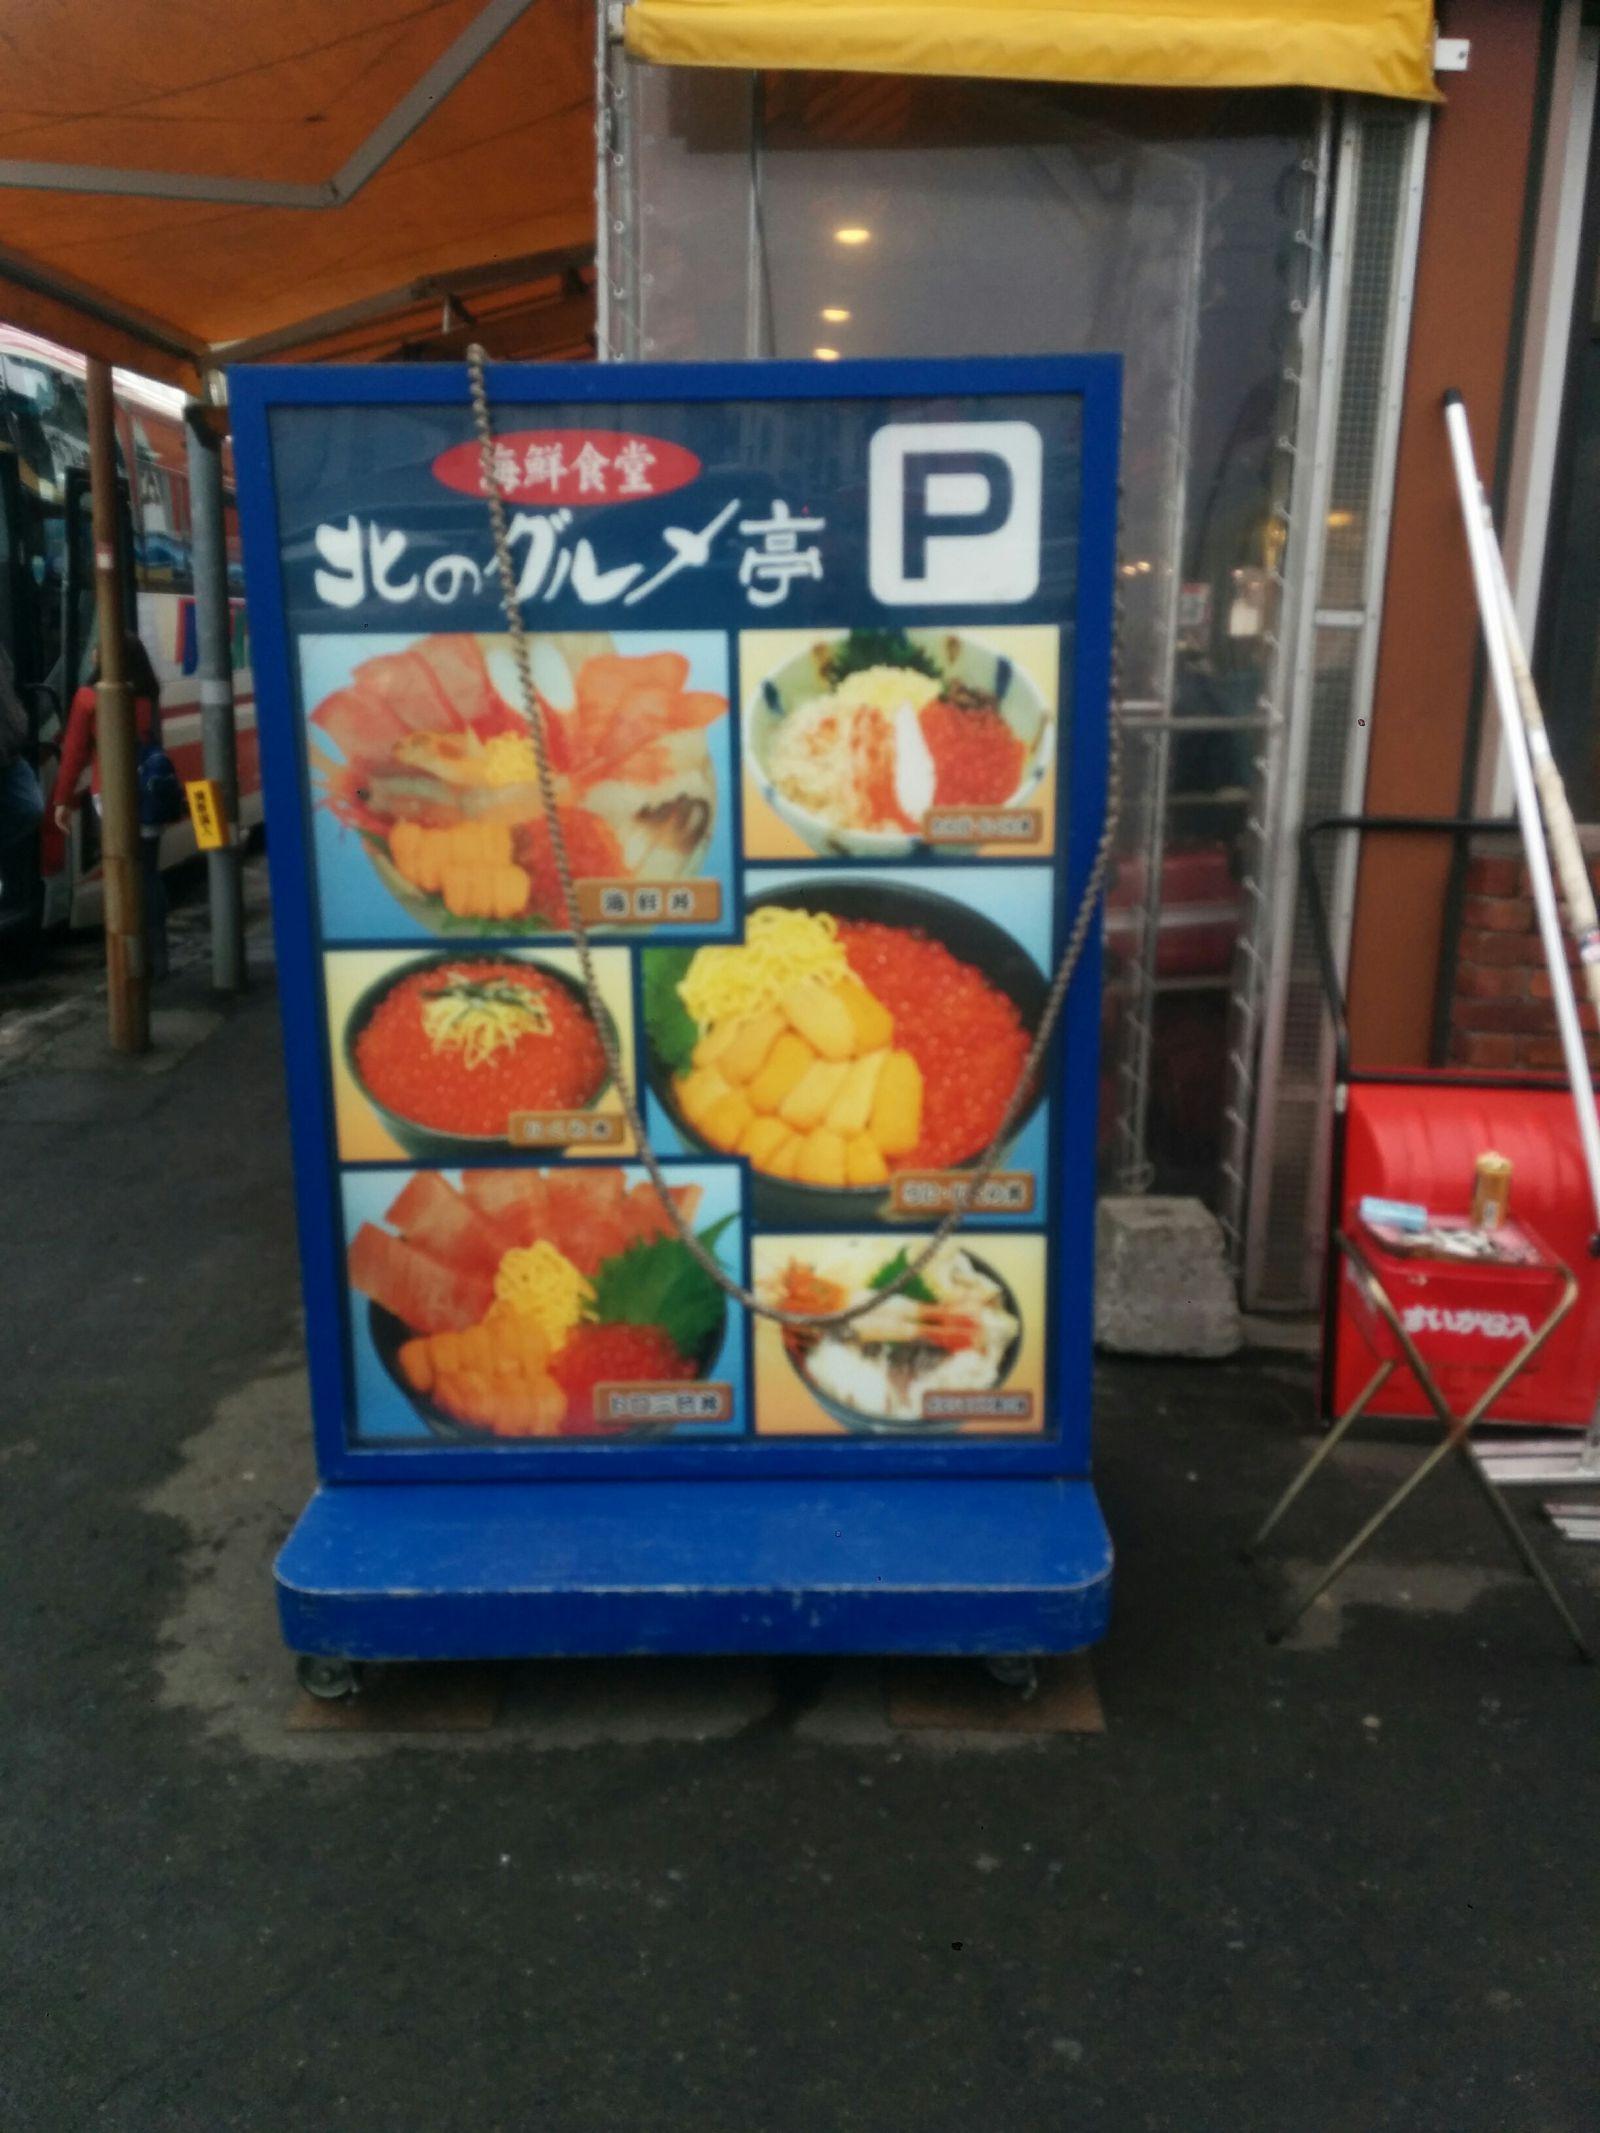 【札幌市】札幌場外市場・北のグルメ亭観光グルメ案内です。